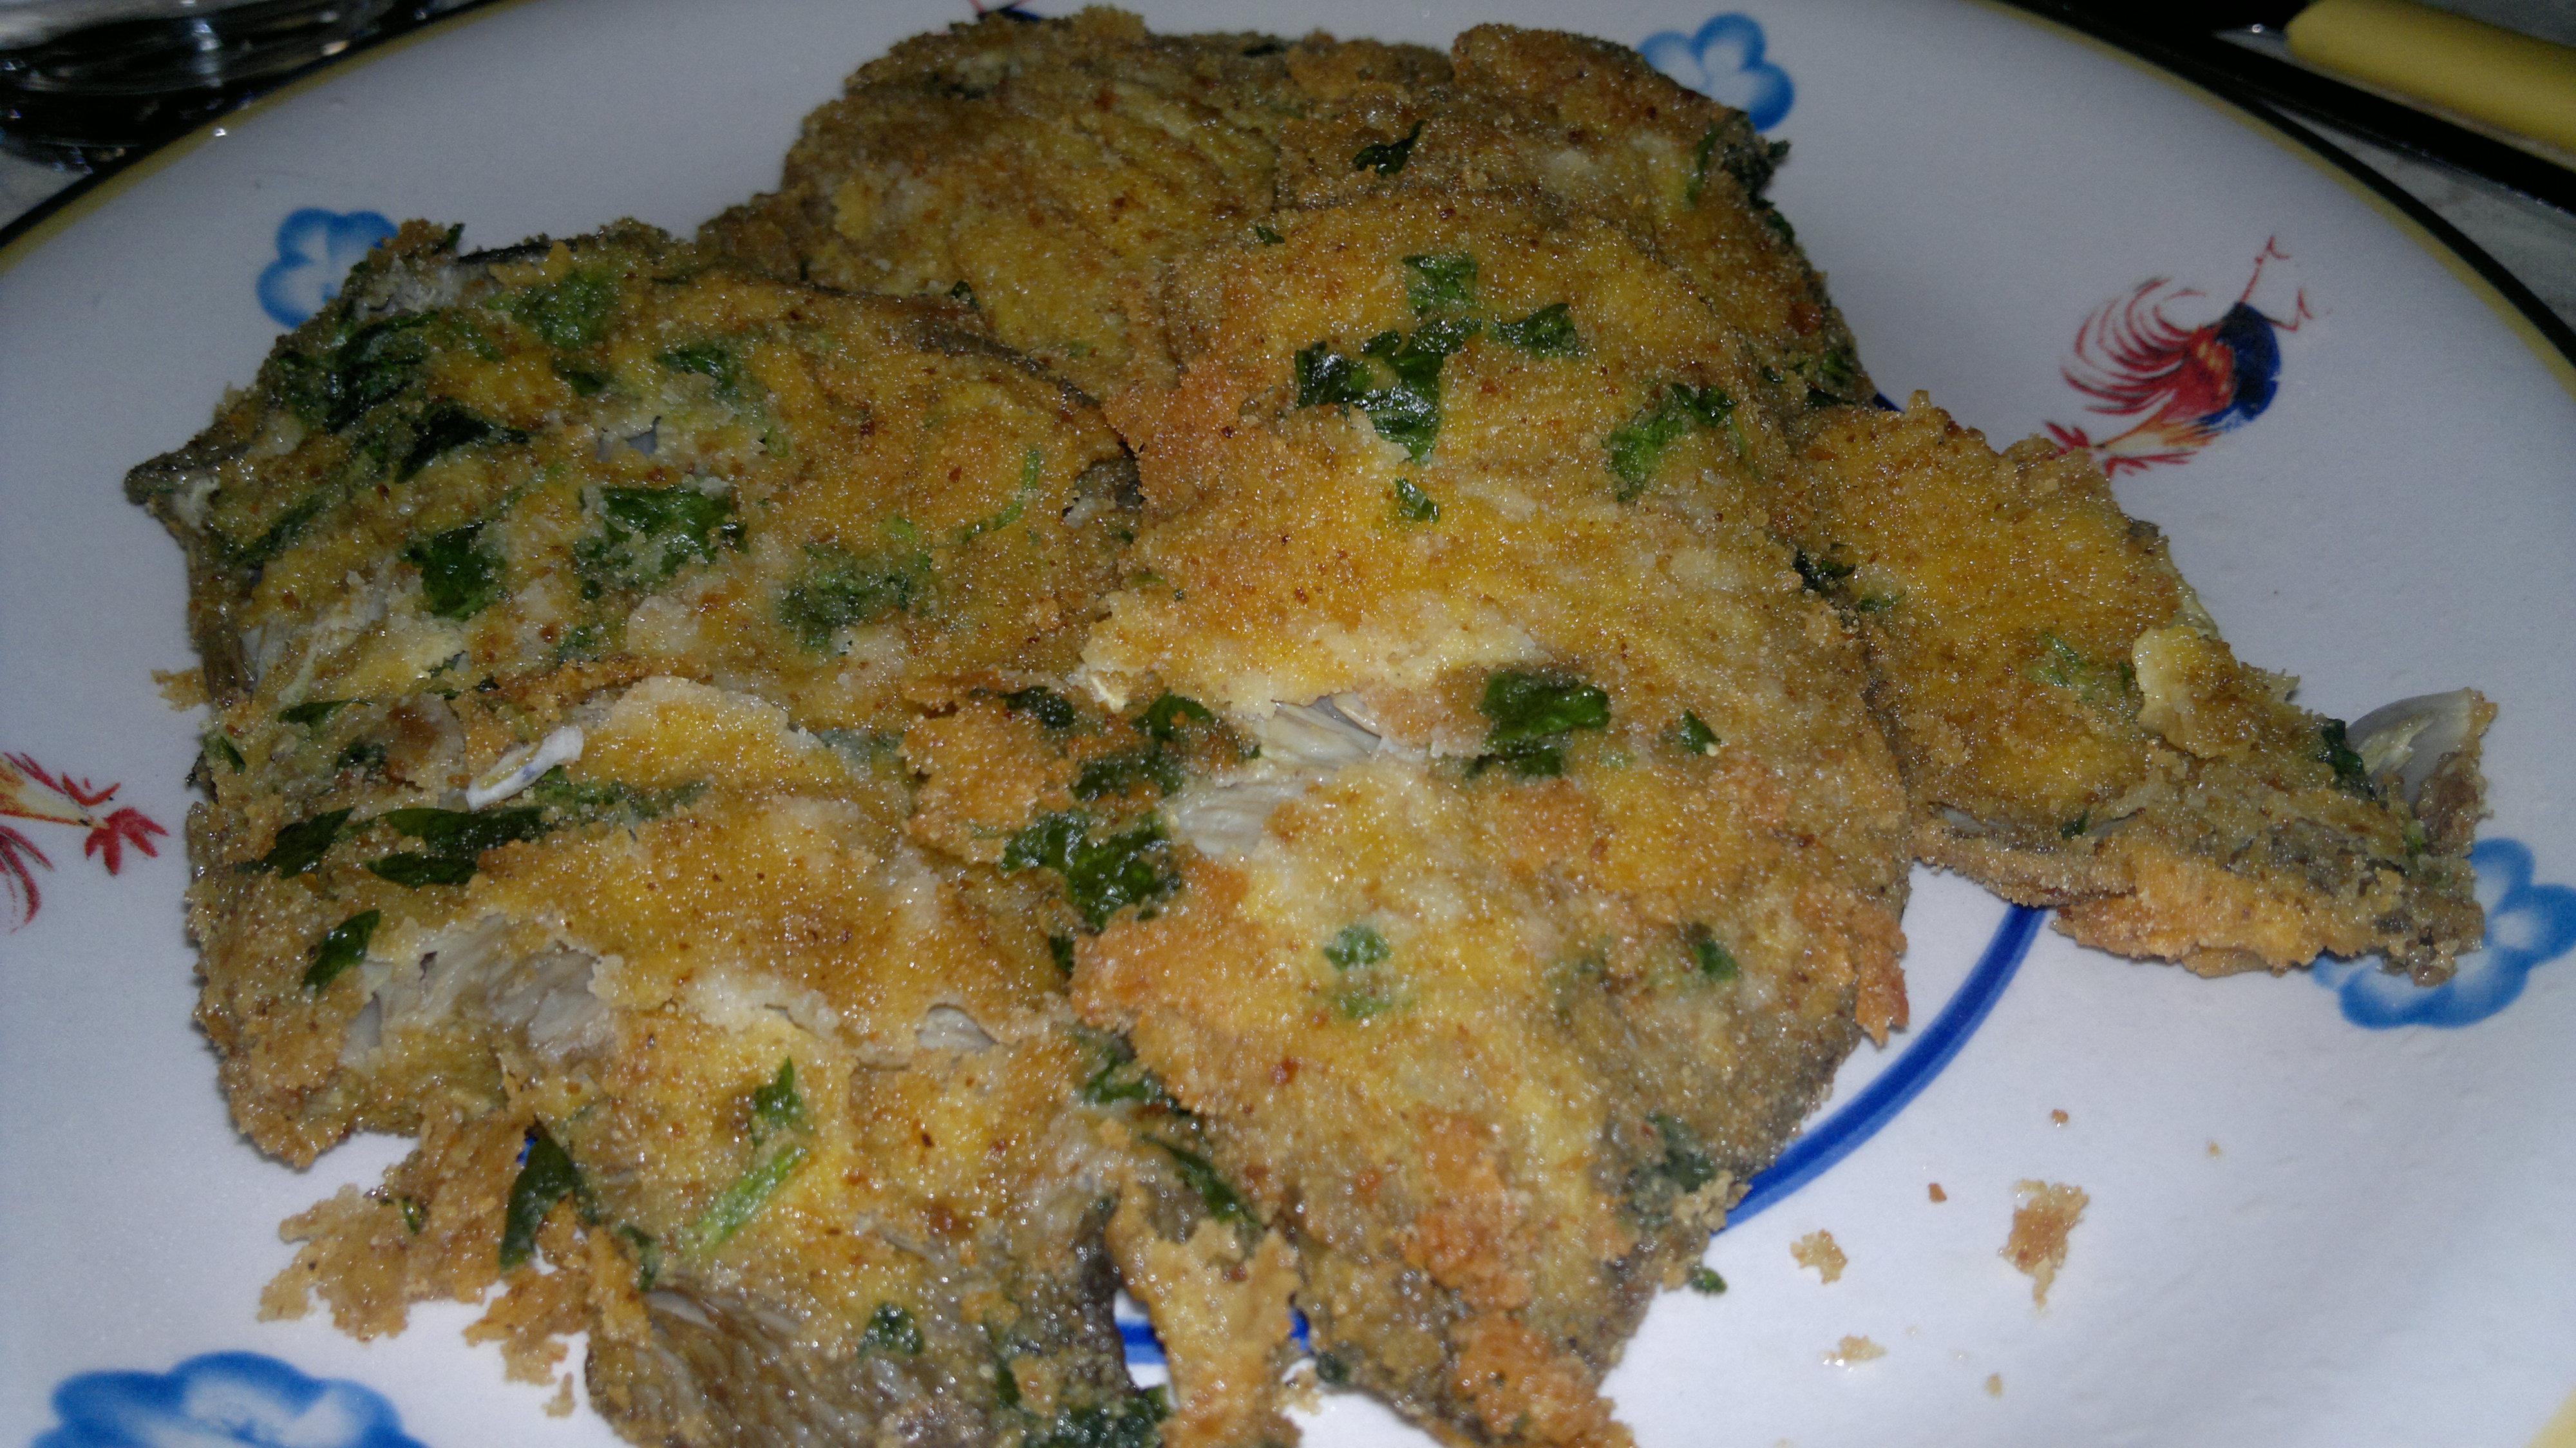 Ricerca ricette con funghi pleurotus fritti ricetta for Cucinare funghi